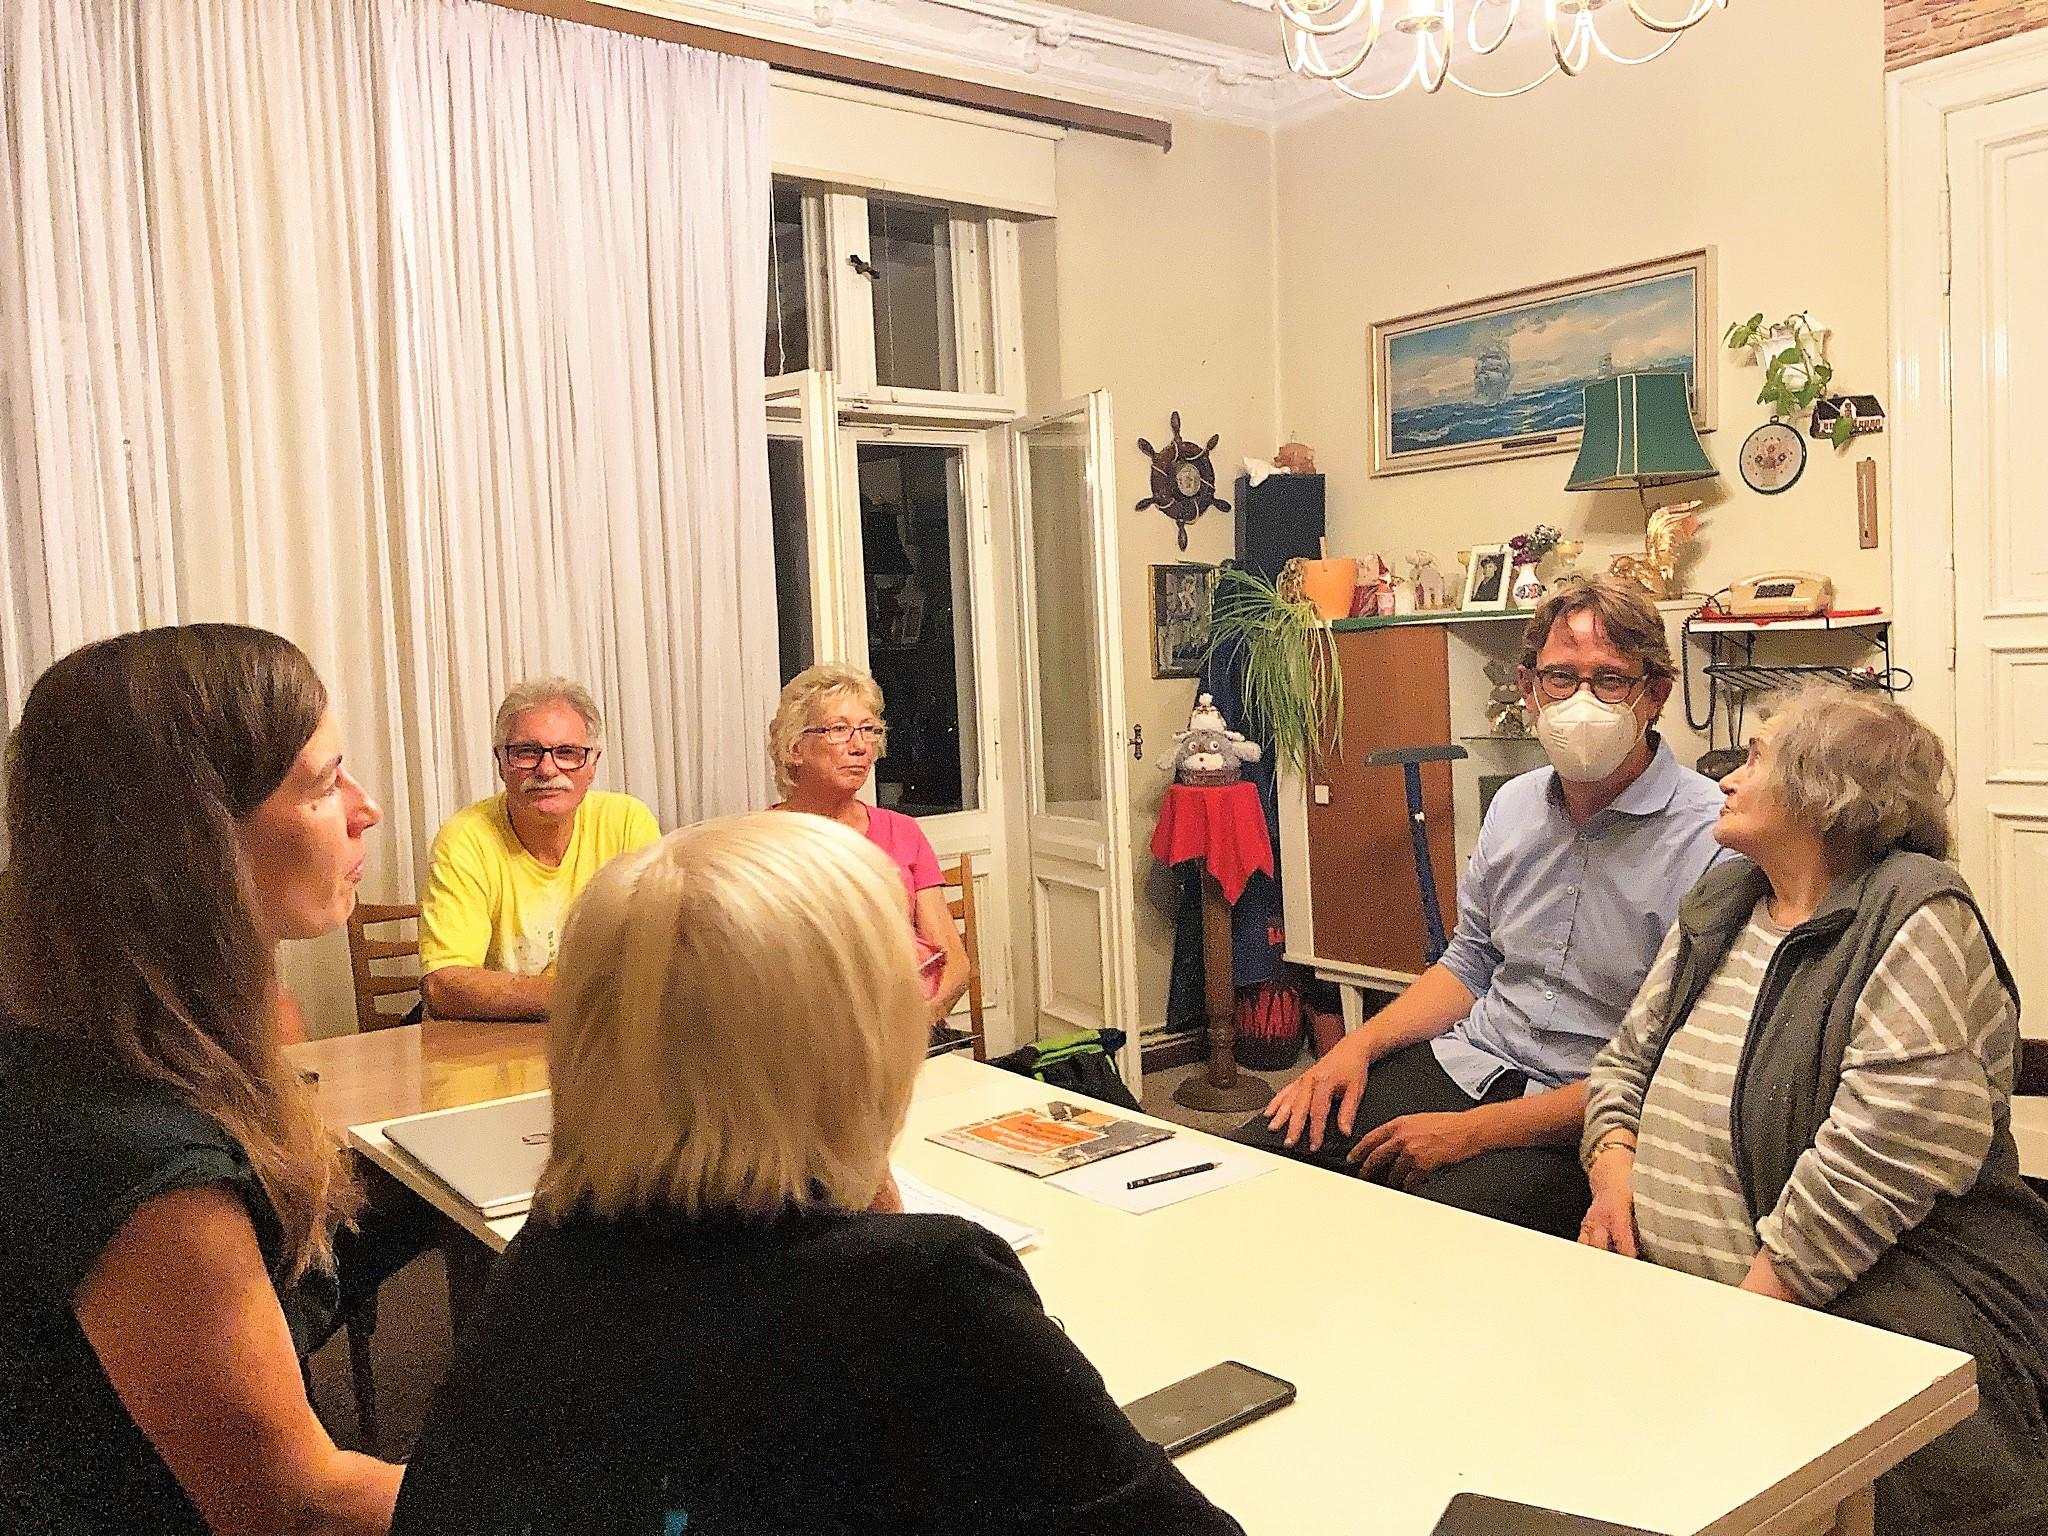 Gespräche führen | Erfahrungen teilen | Informationen sammeln – Gäste bei der Hausversammlung